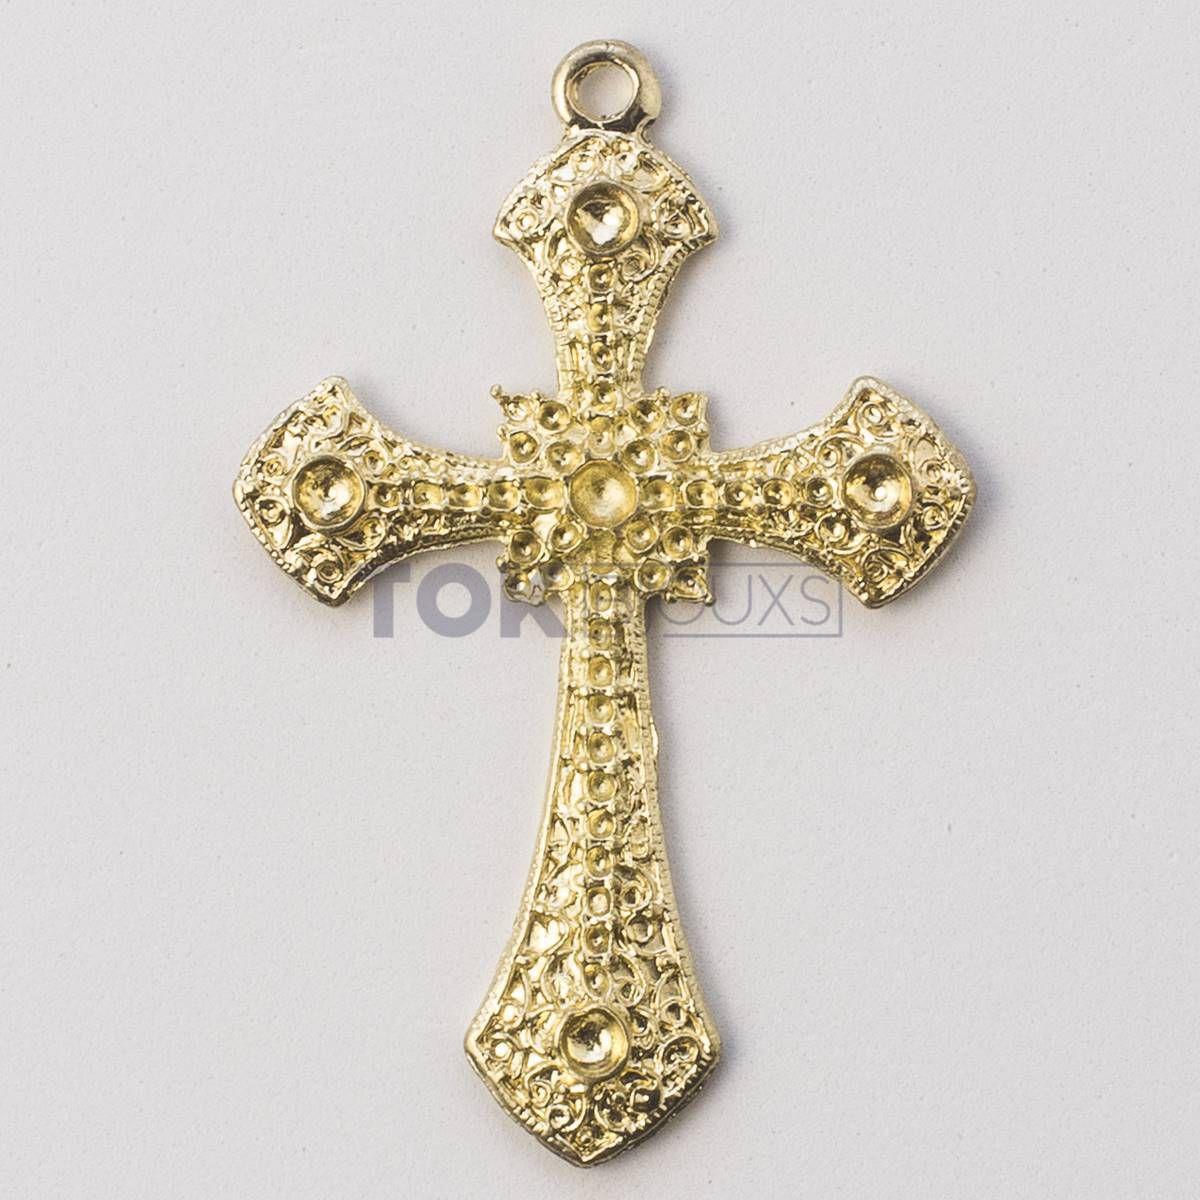 Cruz P/ Colagem Strass N.4 - Dourado - 1 Unid